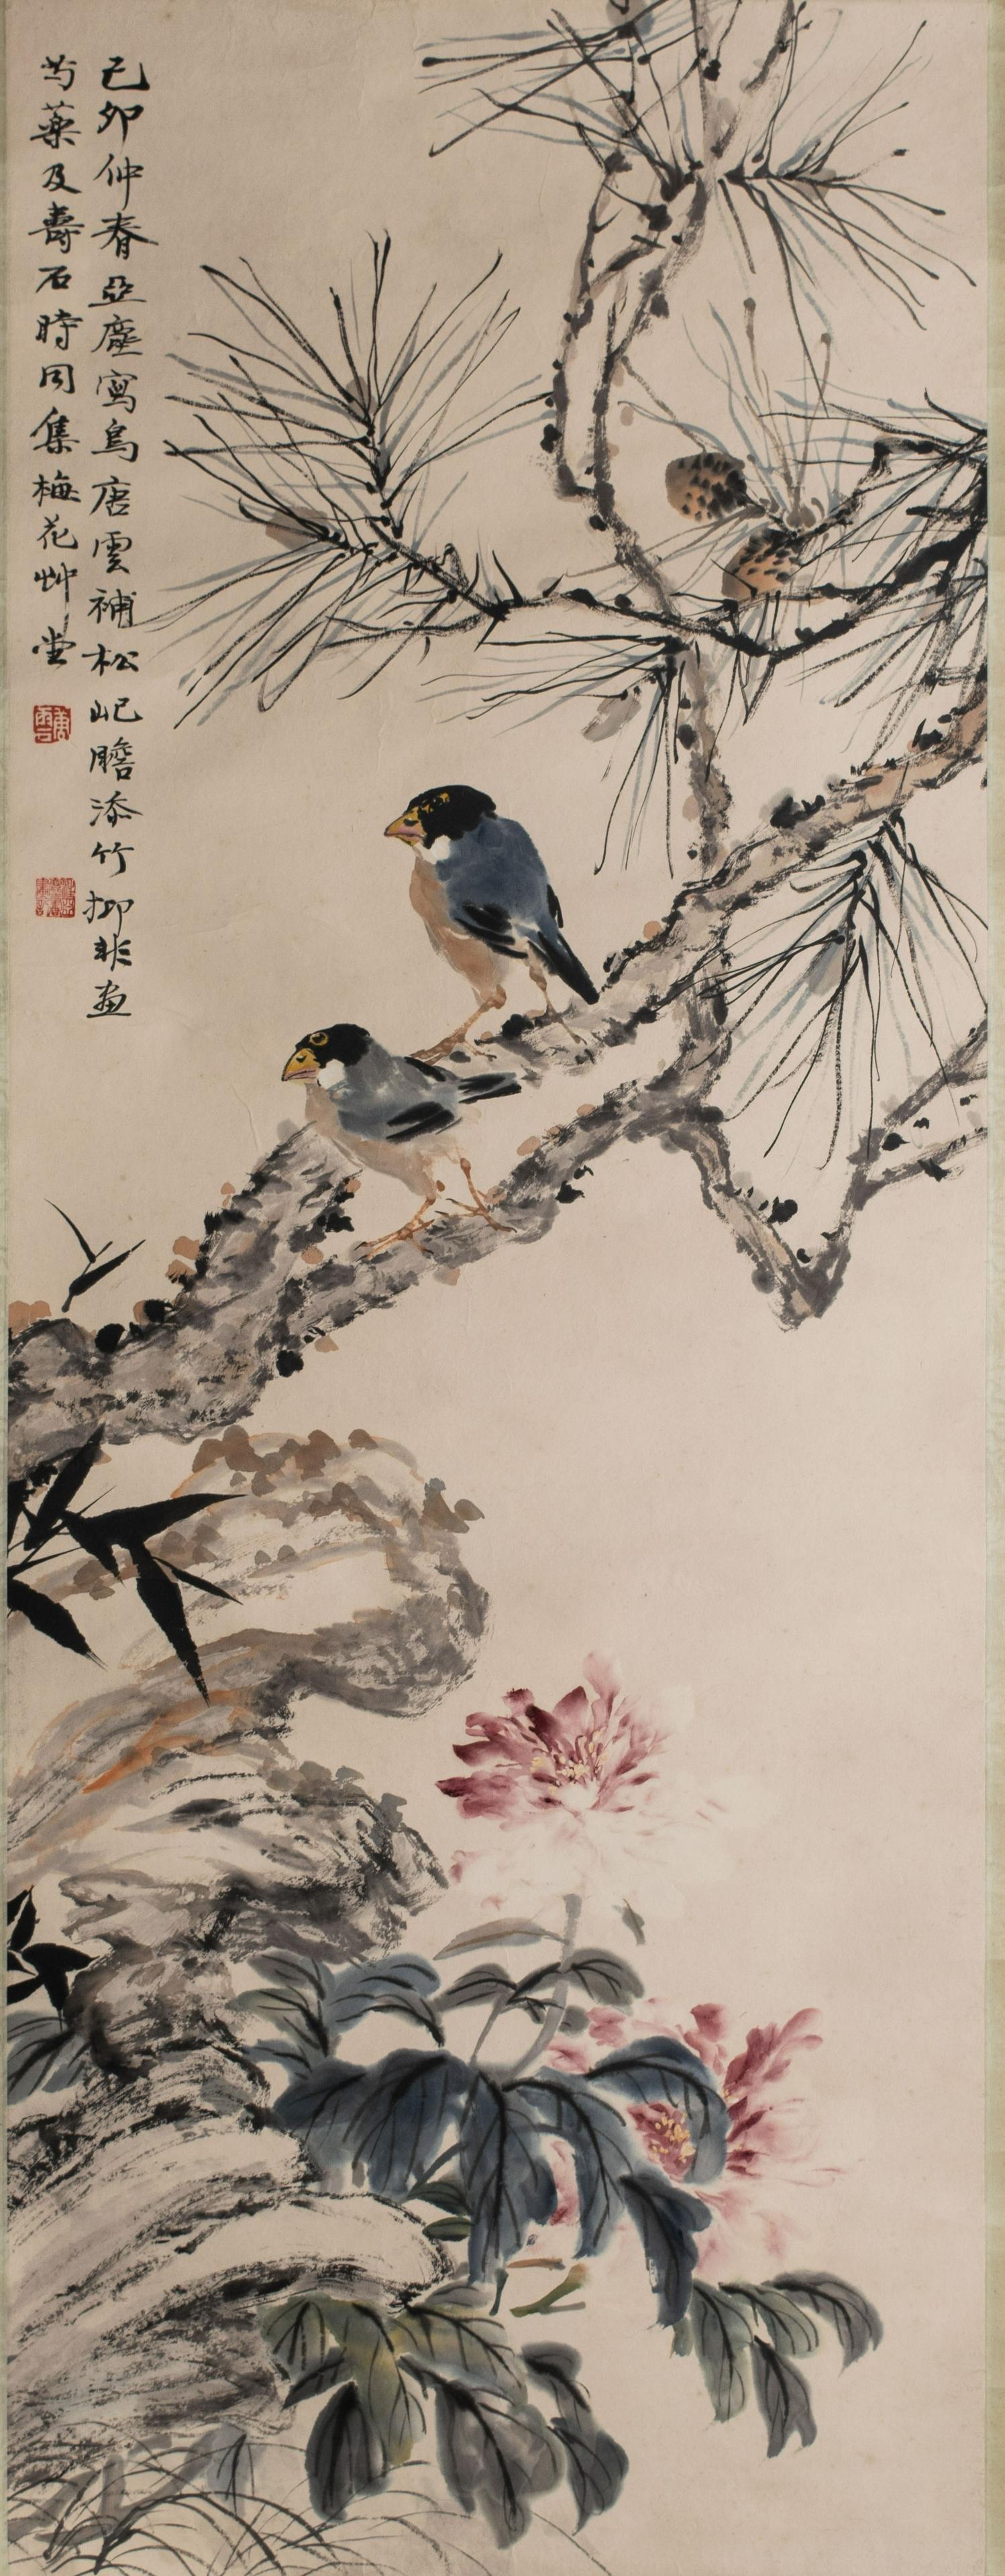 Painting by Tang Yun, Wang Yachen, Zhou Qi Zhan